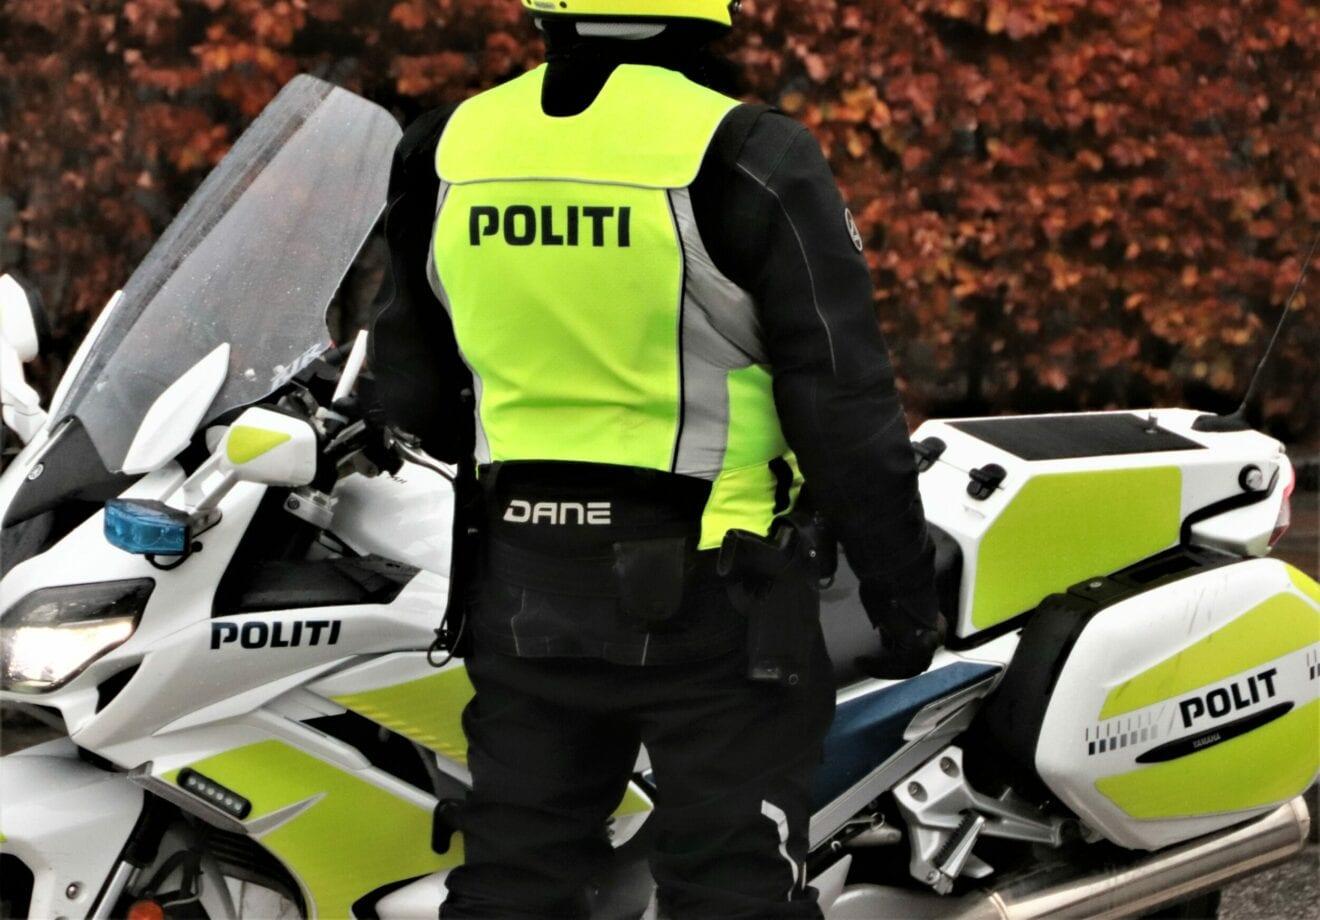 Politi stopper uopmærksomme trafikanter denne uge